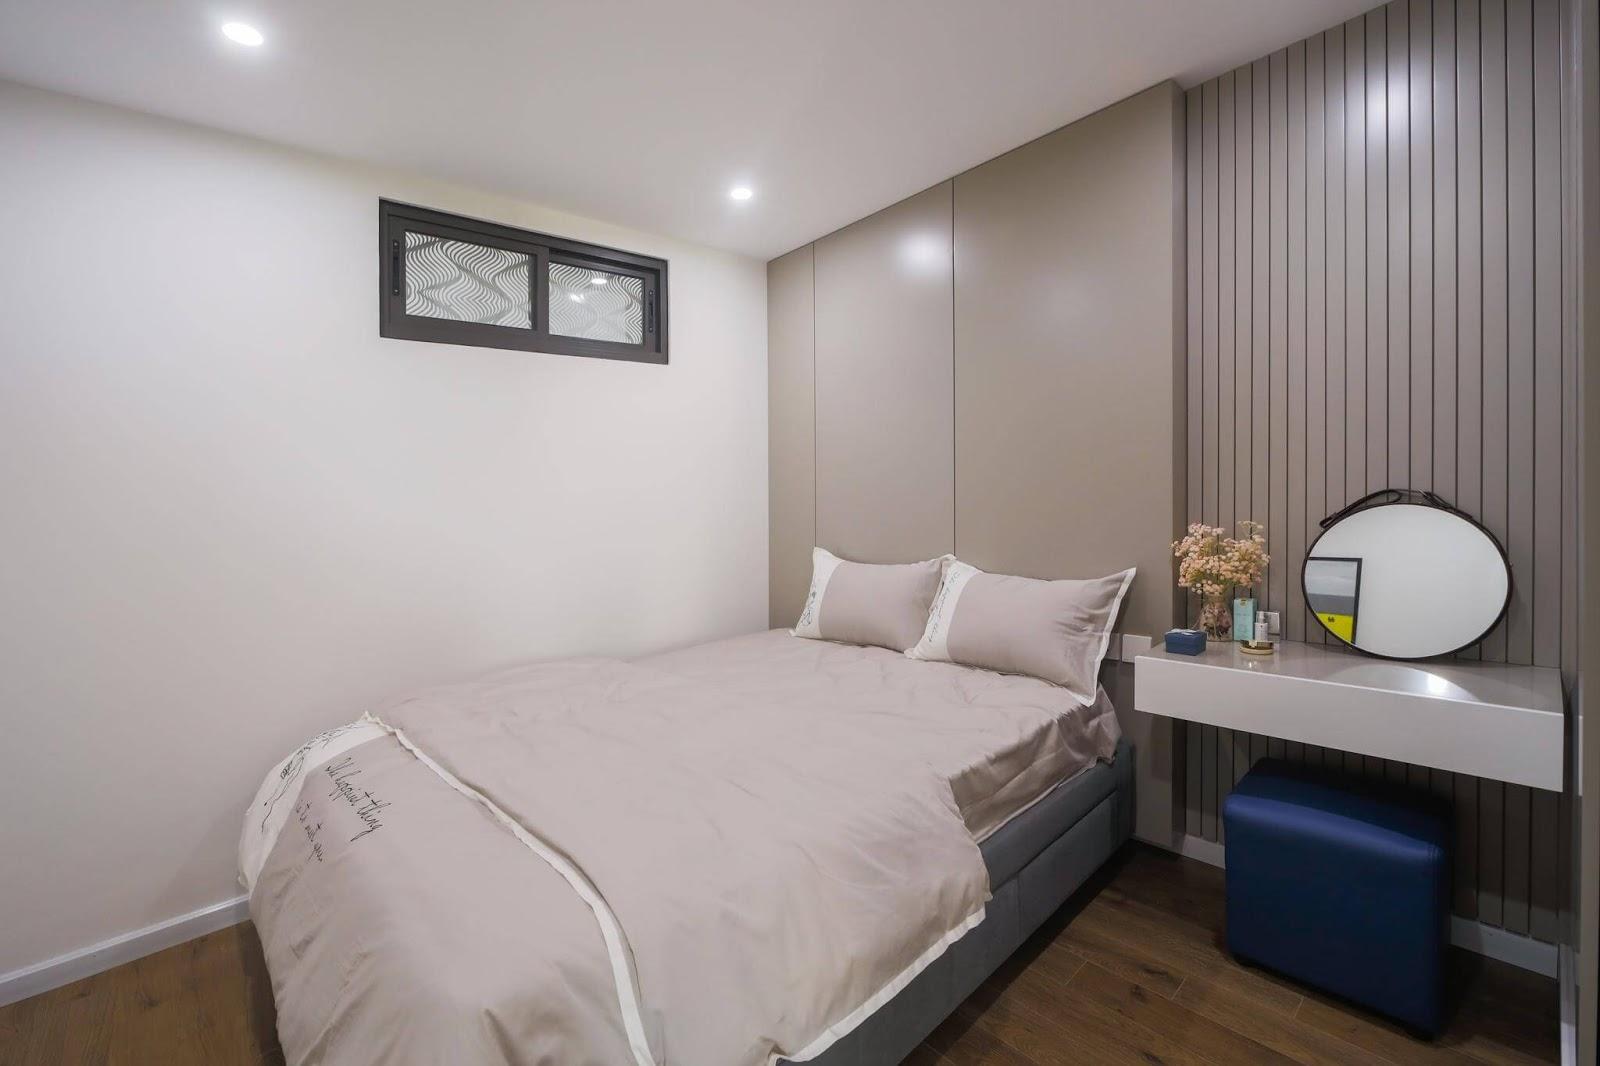 Phòng ngủ nhỏ với thiết kế rộng rãi, tinh tế.